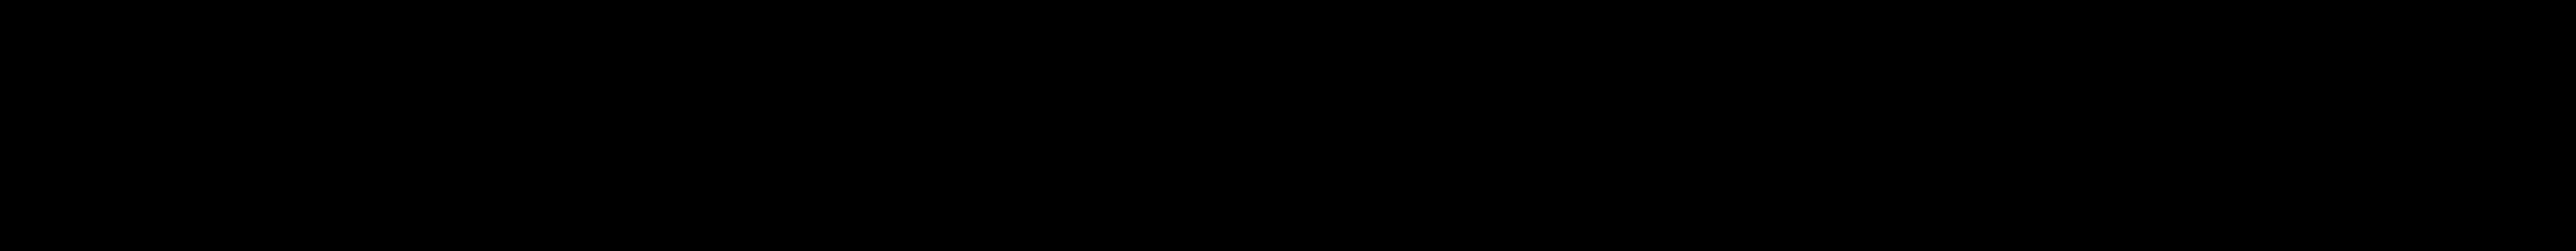 Marc O'Polo – Logos Download